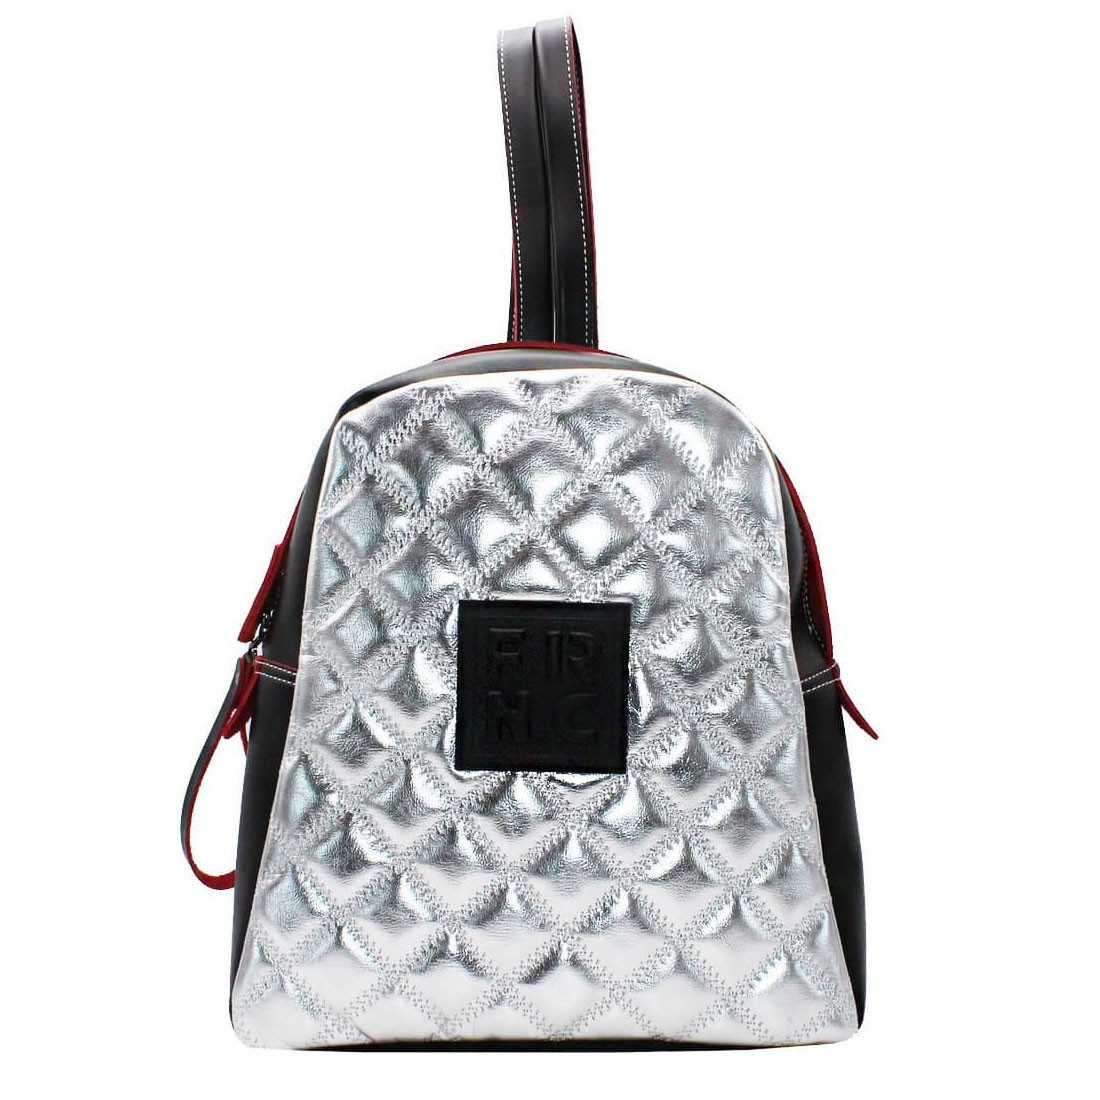 17201ef75f FRNC FRANCESCO Τσάντα Γυναικεία Πλάτης-Backpack 1202 Μαύρο-Ασημί ...